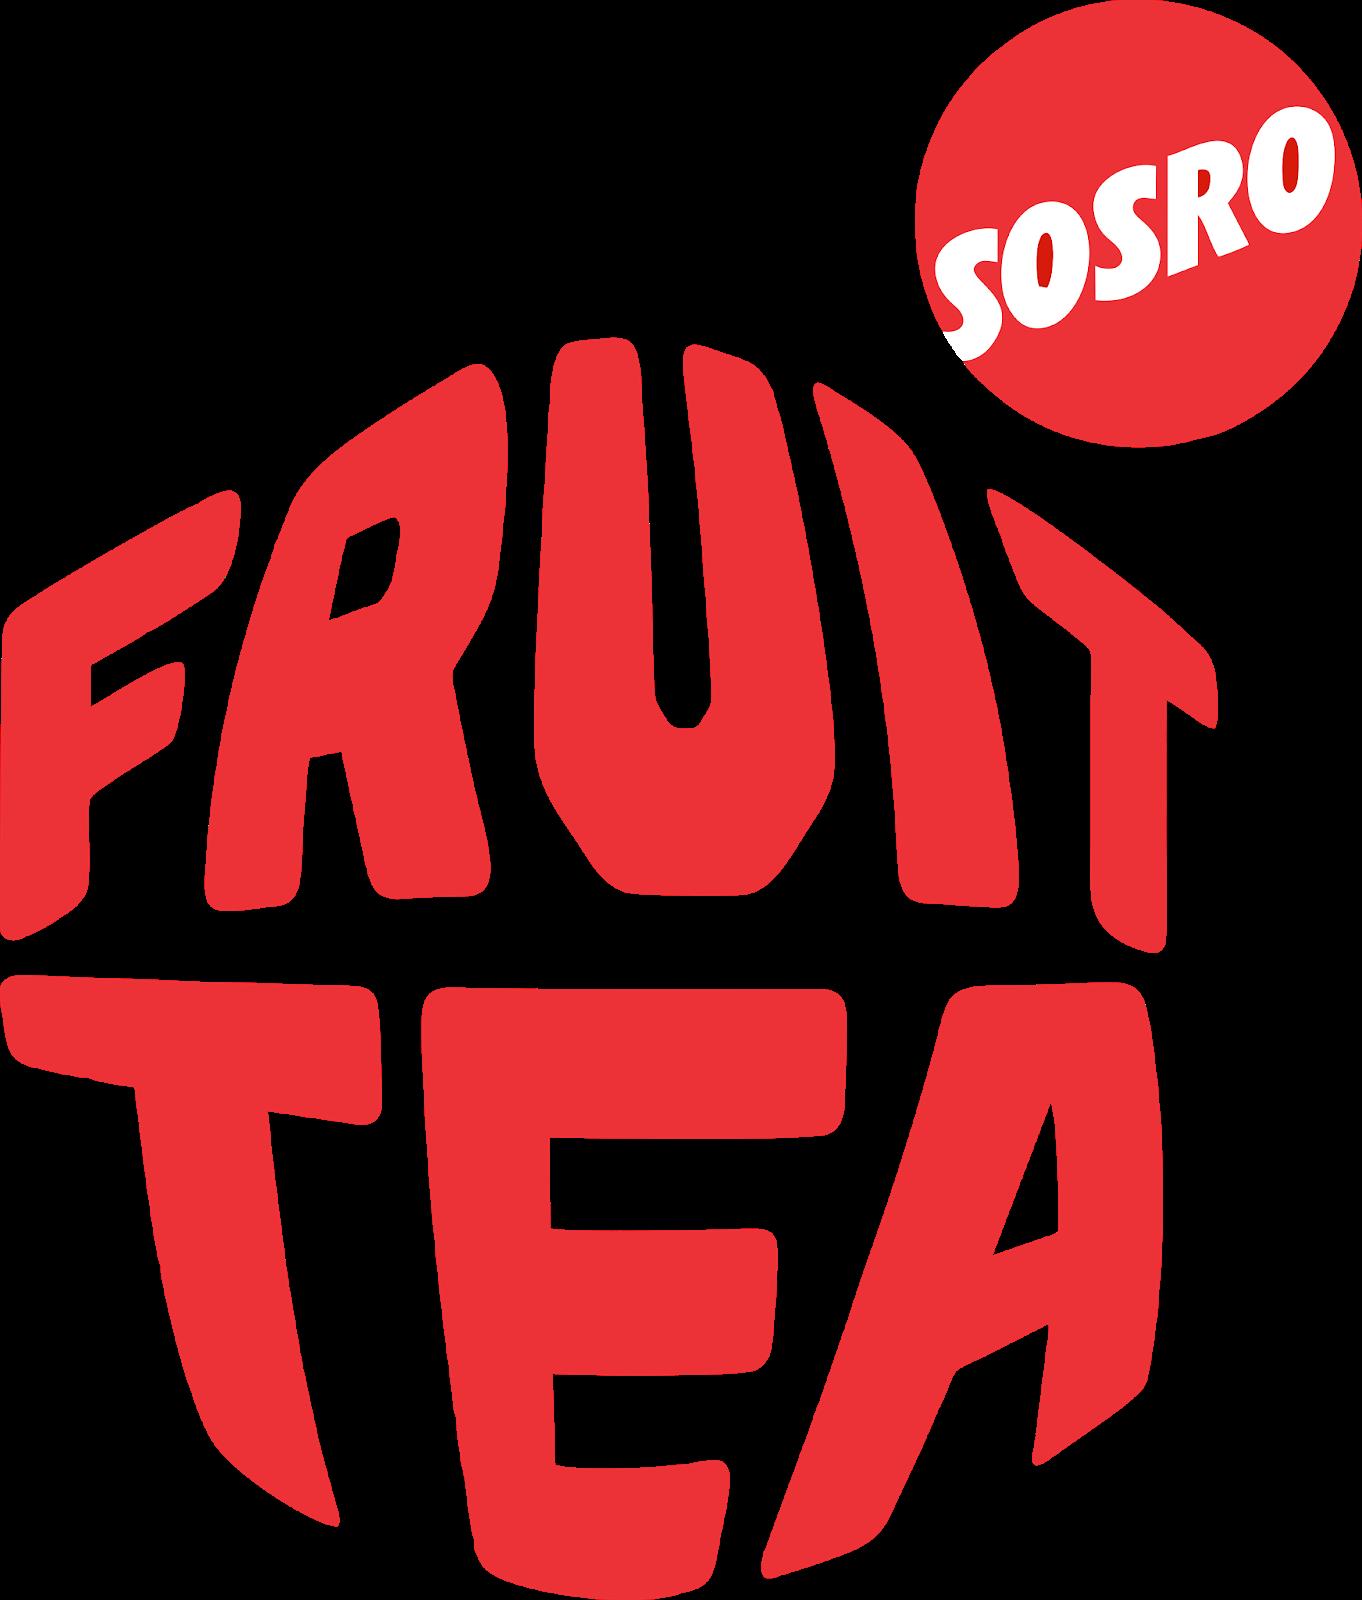 logo logo produk sosro agen87 logo logo produk sosro agen87